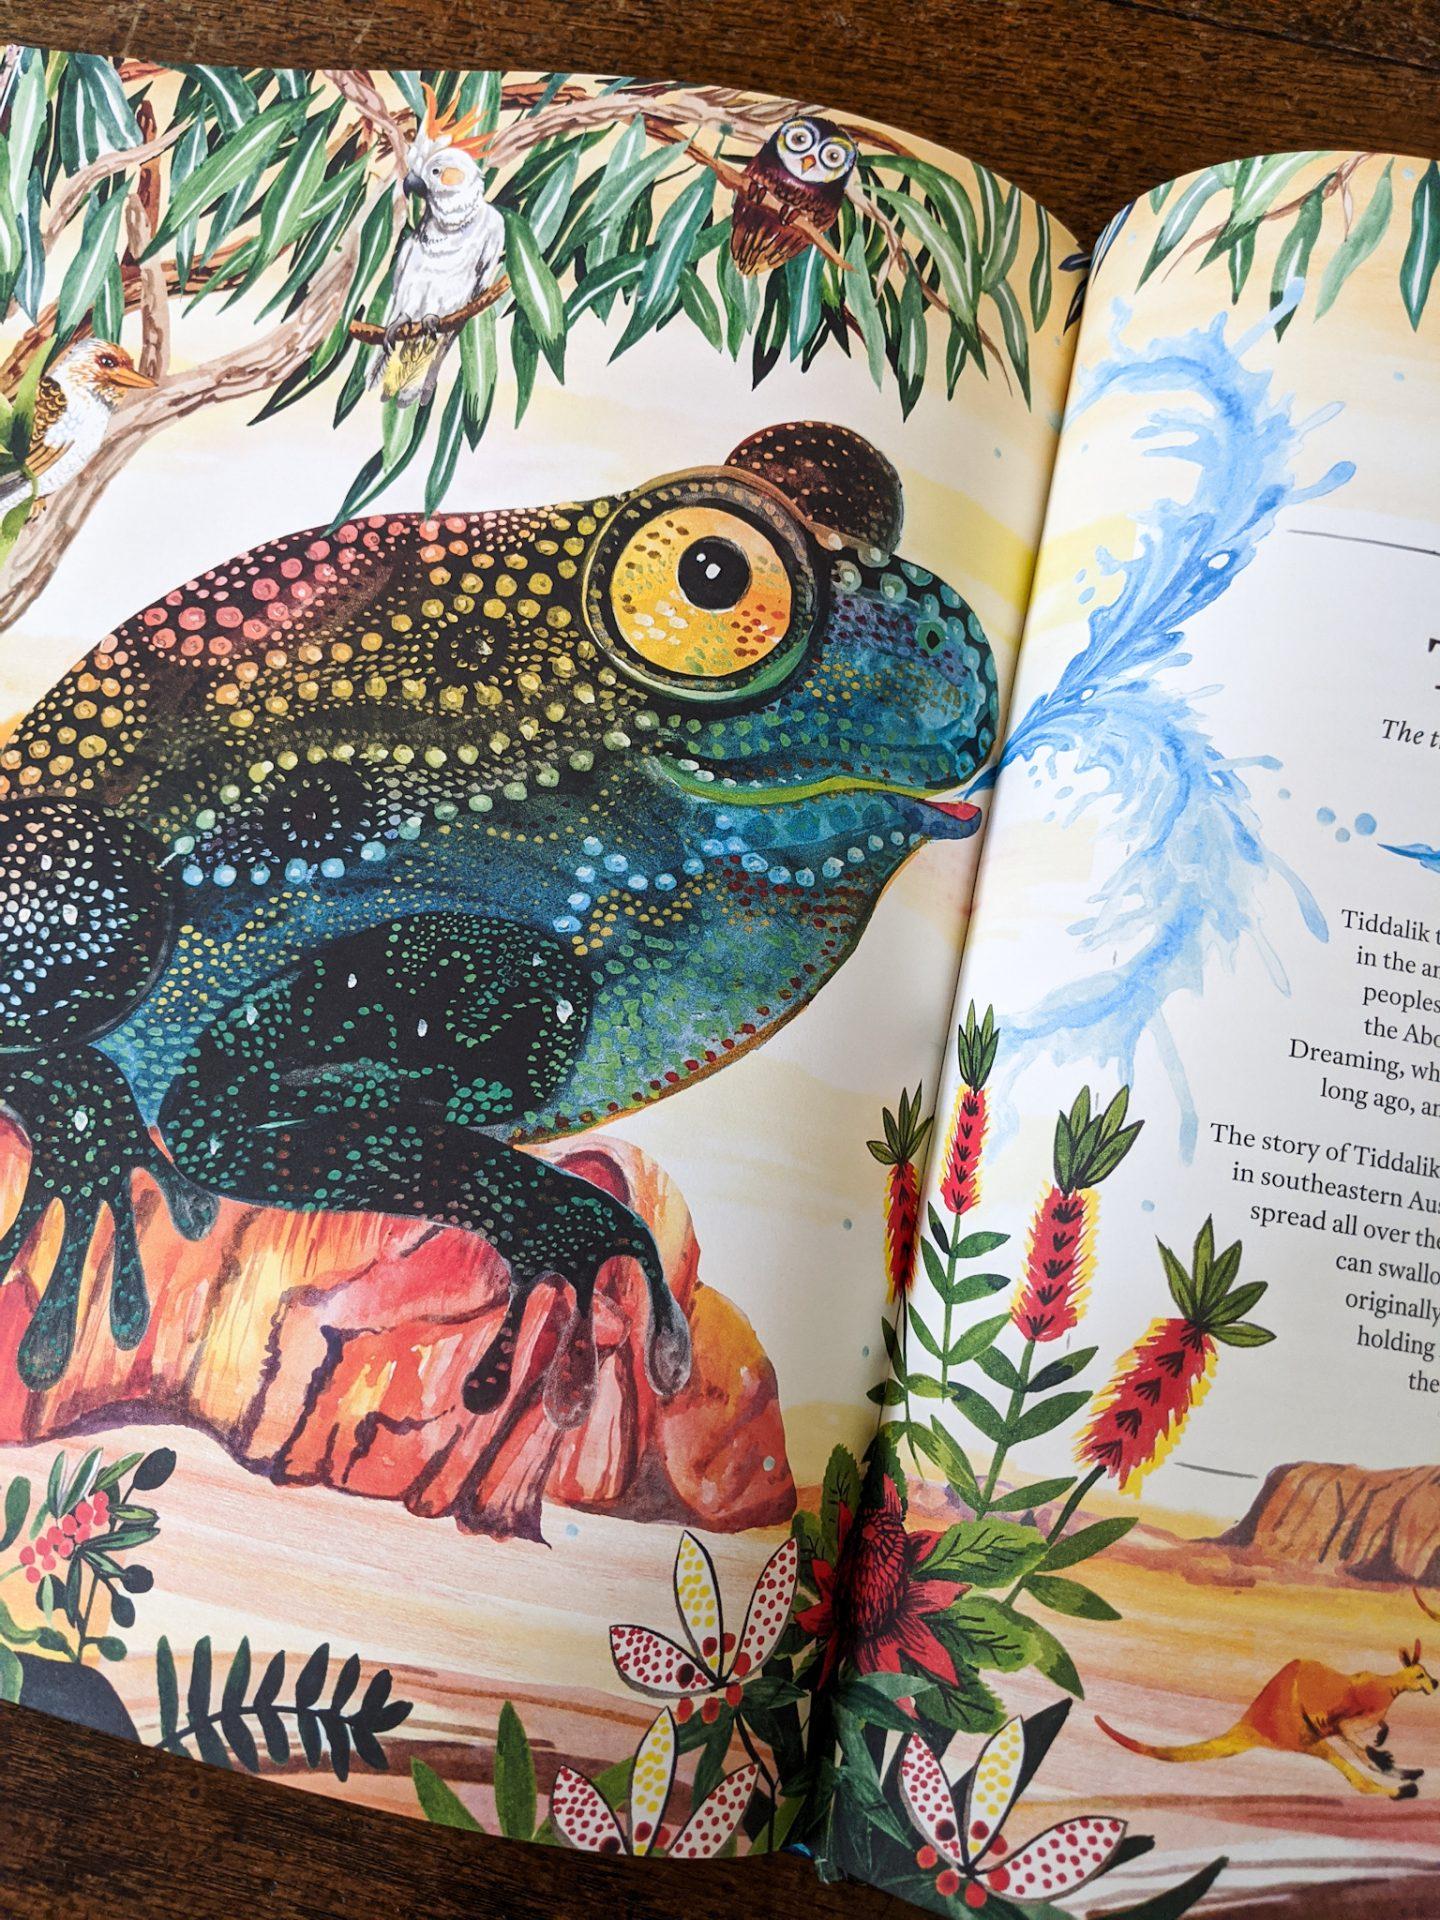 Mythopedia: An illustration of a Tiddalik (a frog)